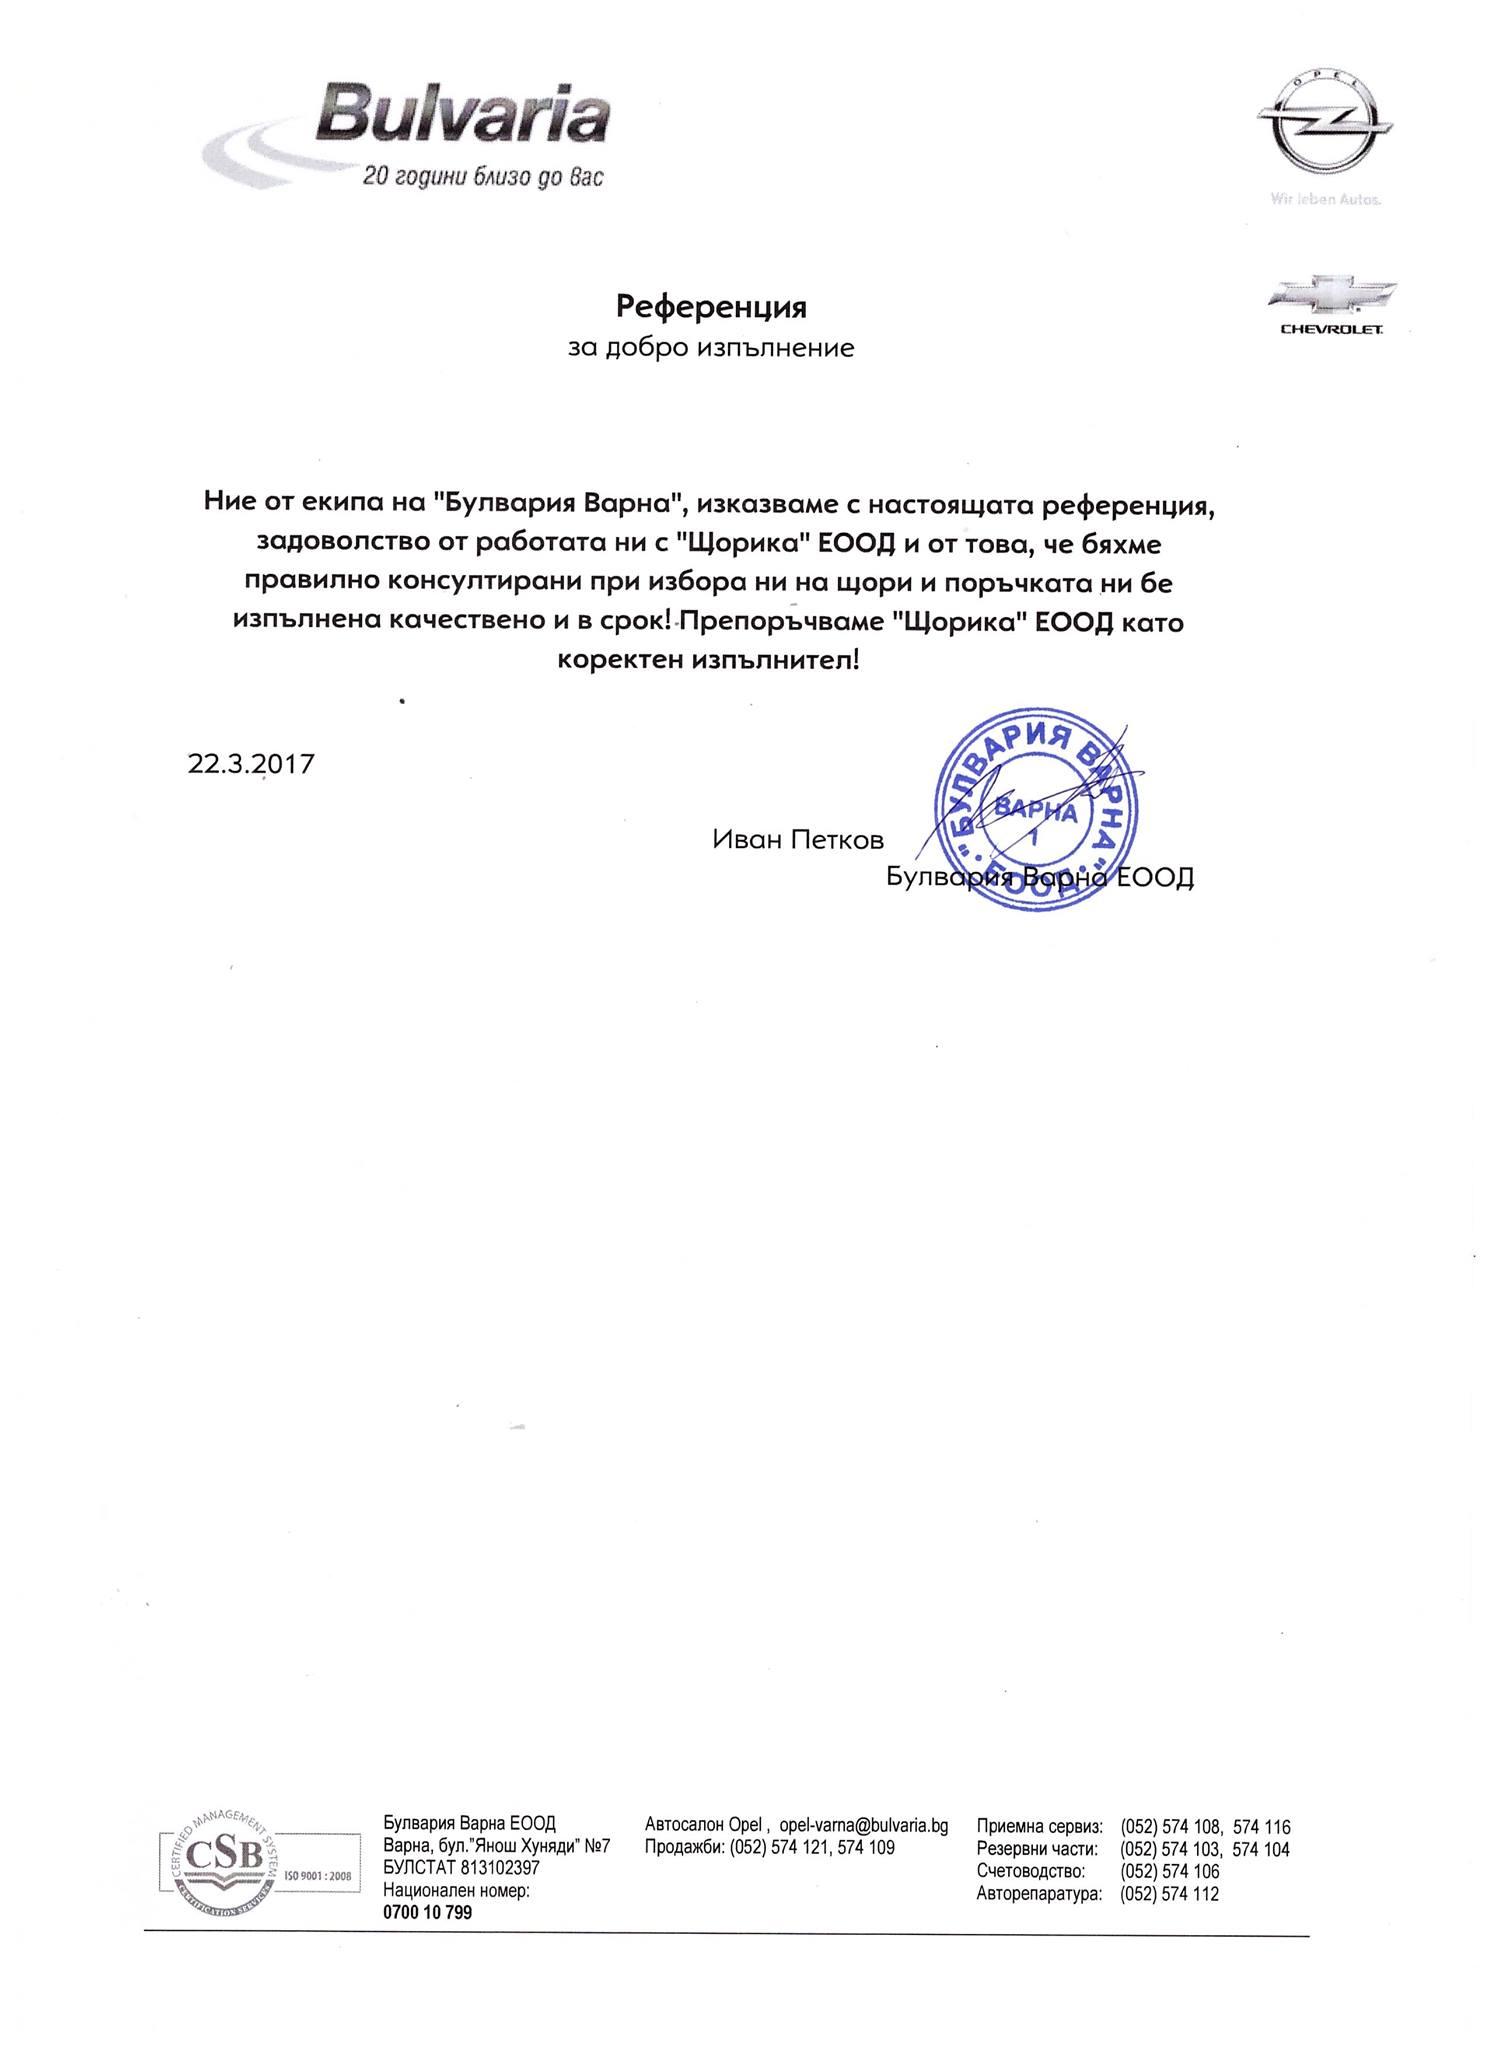 Референция от Булвария Варна за Щорика ЕООД